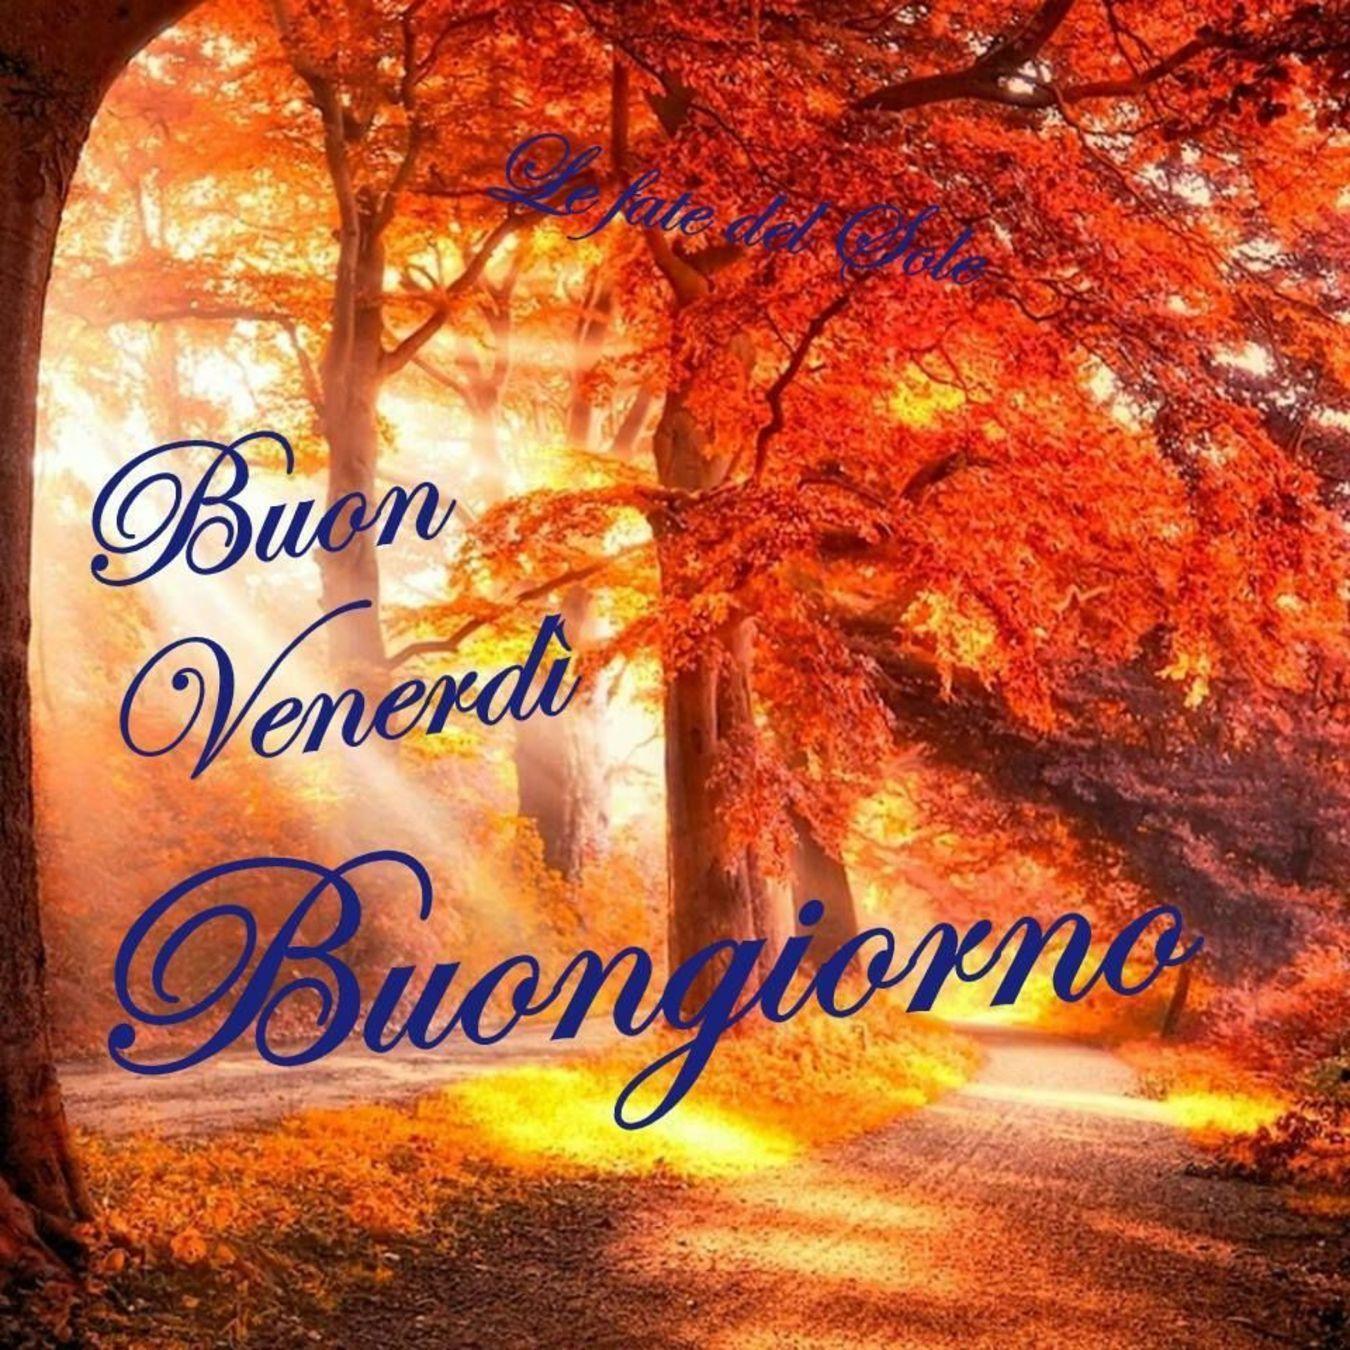 Buon Venerdi Buongiorno Autunnale 91 Buongiorno Immagini It Venerdi Buongiorno Buongiorno Venerdi